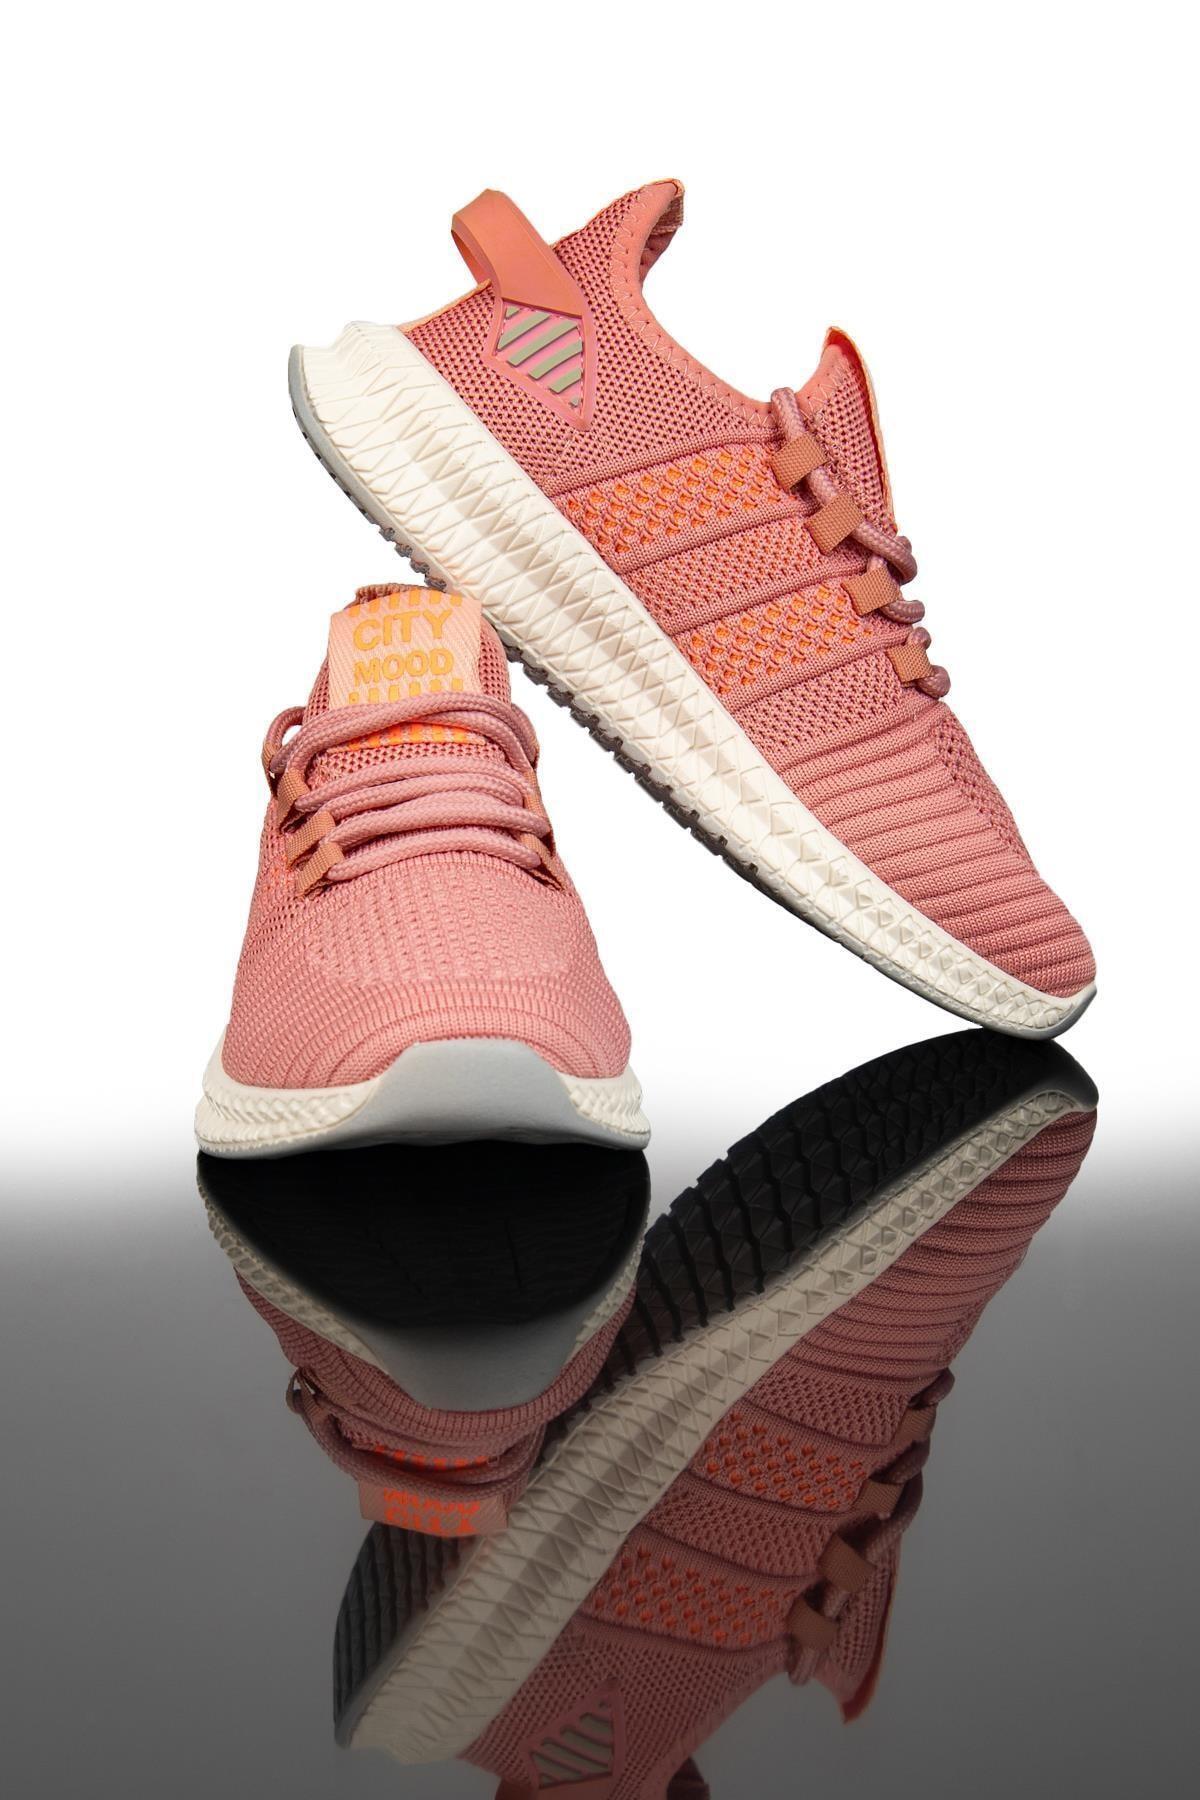 LETOON 2103k Kadın Spor Ayakkabı 2